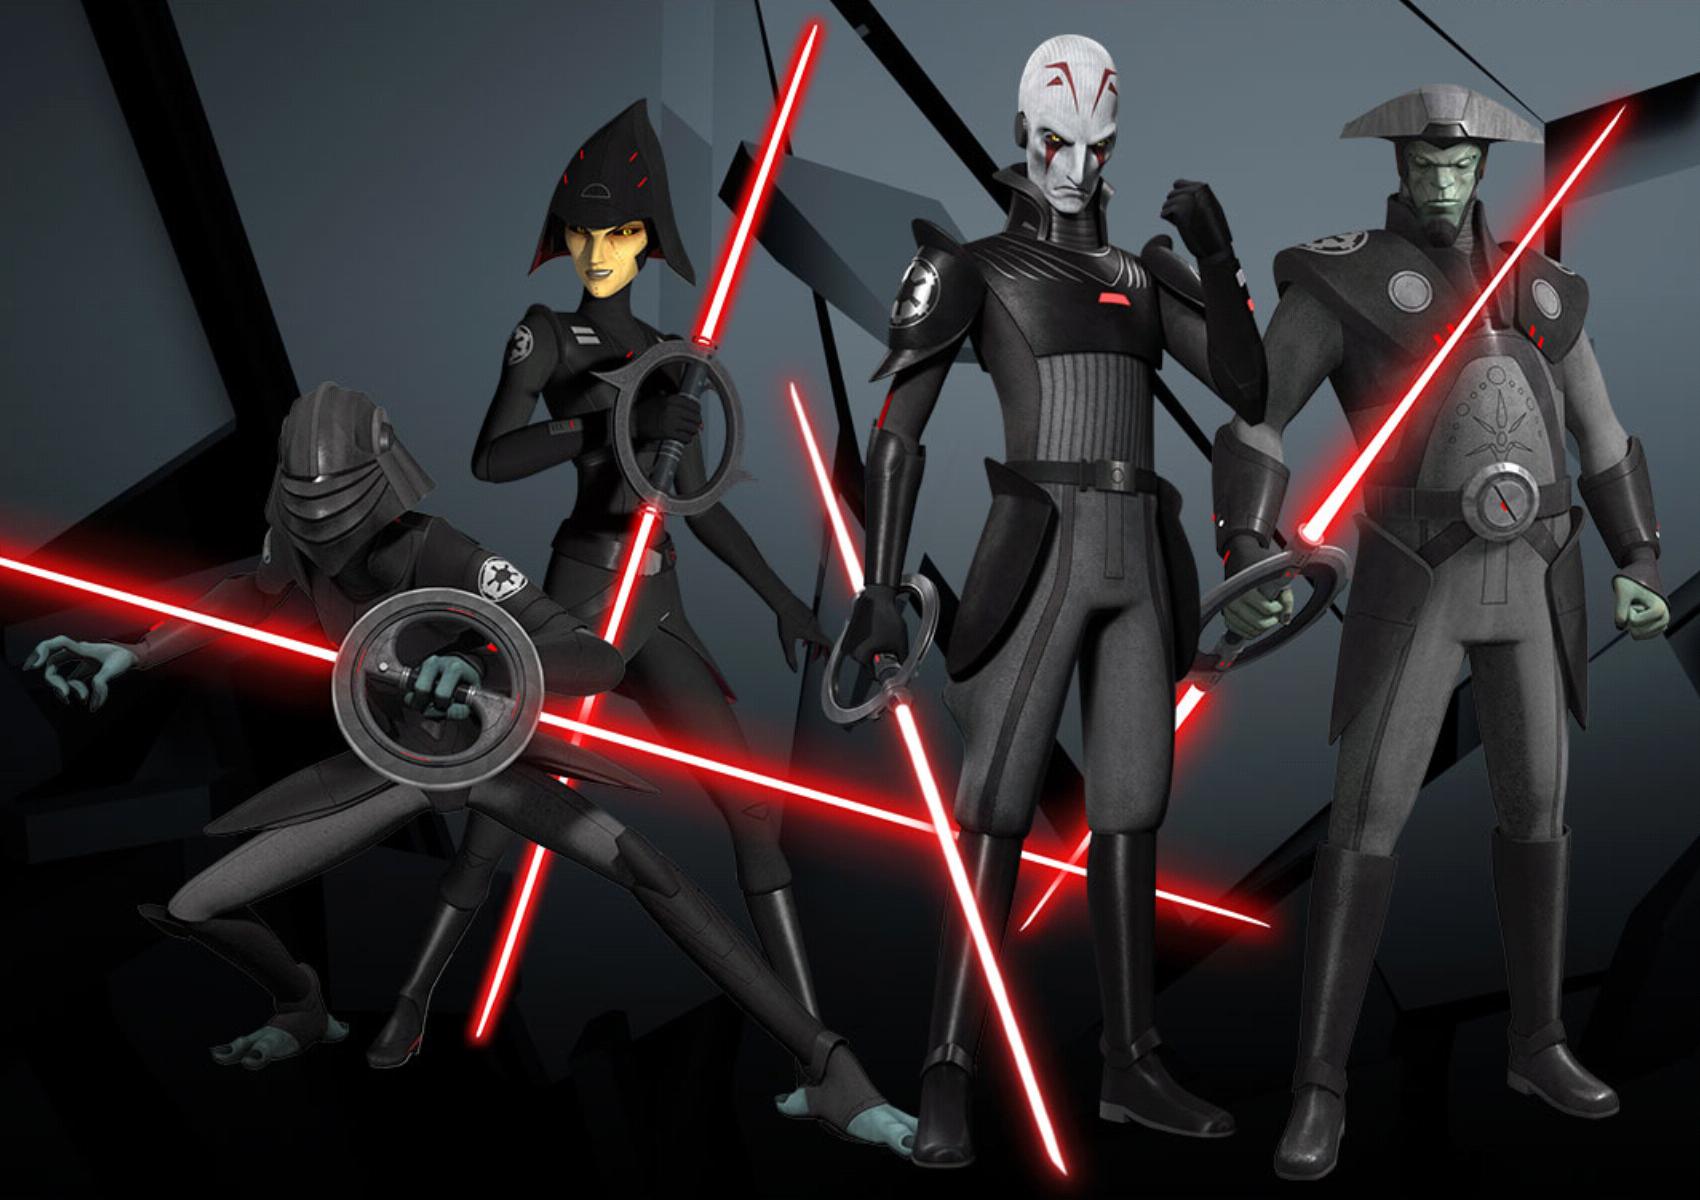 Звездные войны повстанцы картинки инквизиторов